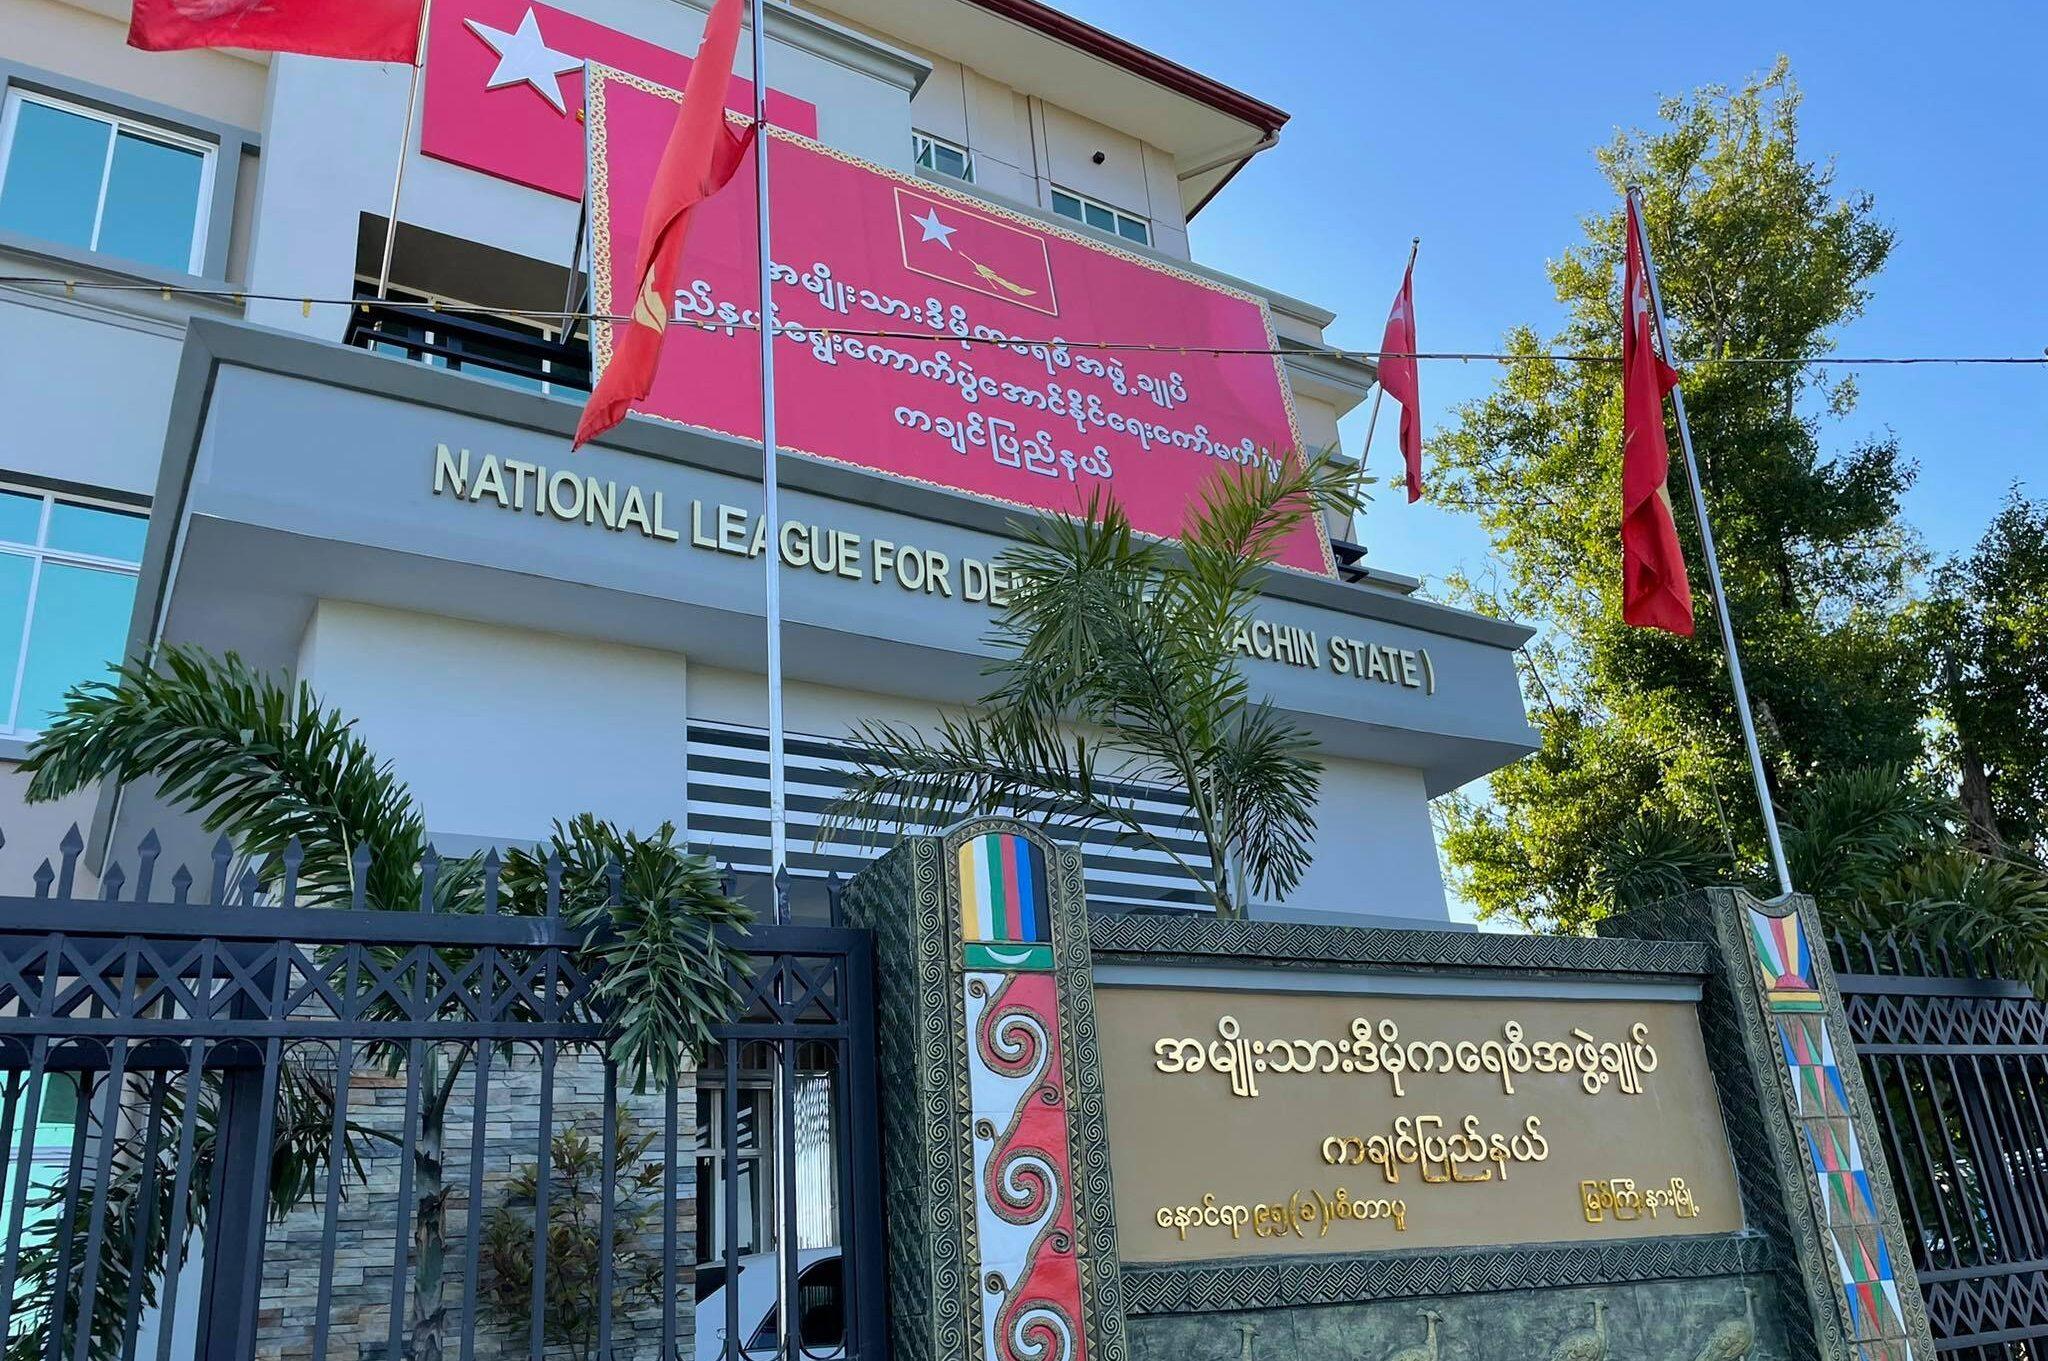 NLD နှင့် ကချင်တိုင်းရင်းသားပါတီများတွေ့ဆုံမည့်အစီစဉ် Party to Party မဟုတ်ဘဲ အနိုင်ရကိုယ်စားလှယ်များနှင့် တွေ့ဆုံခြင်းသာဖြစ်